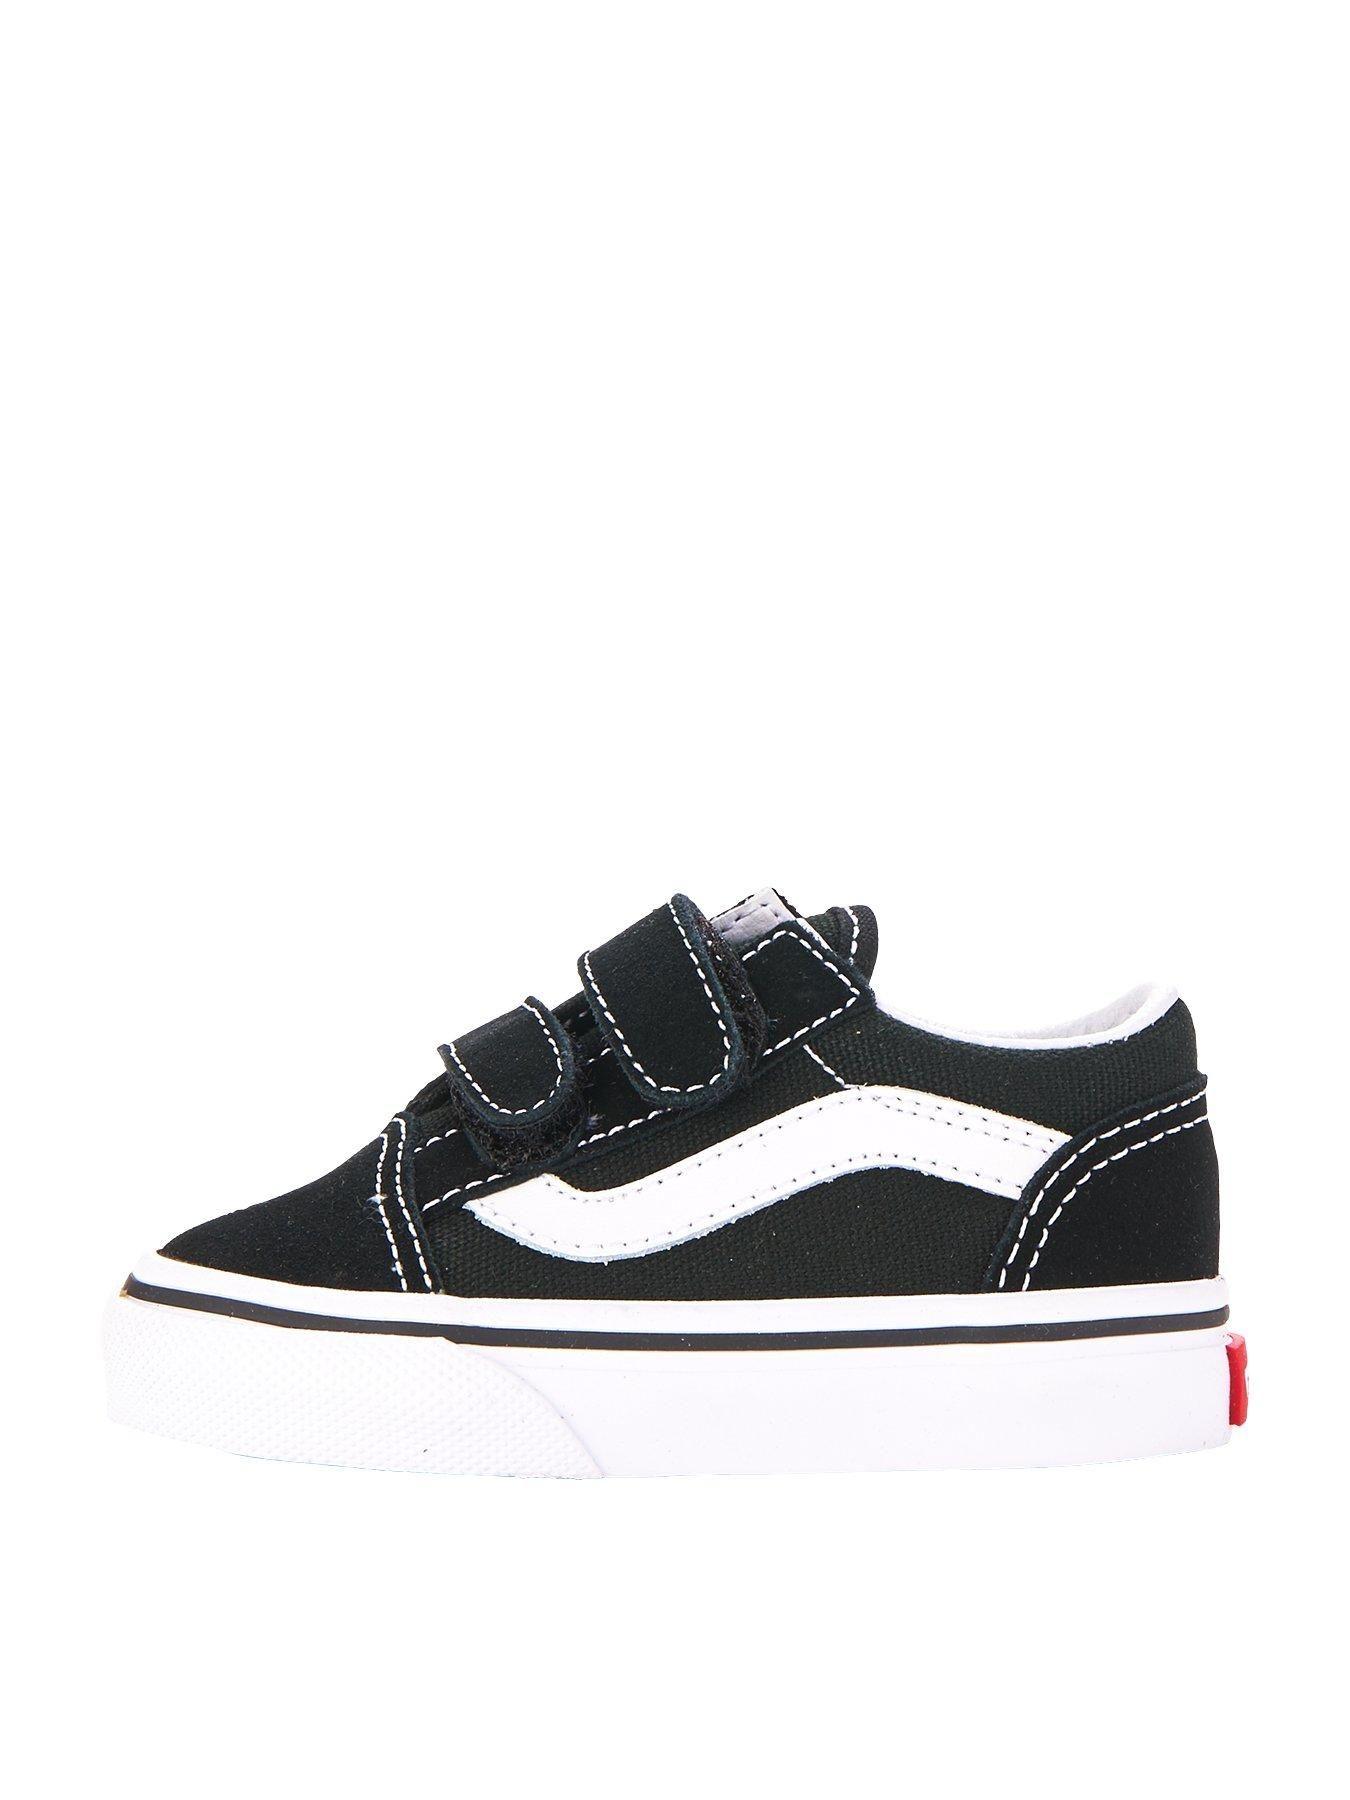 d24635a9109f90 Vans Old Skool Infant Trainer - Black